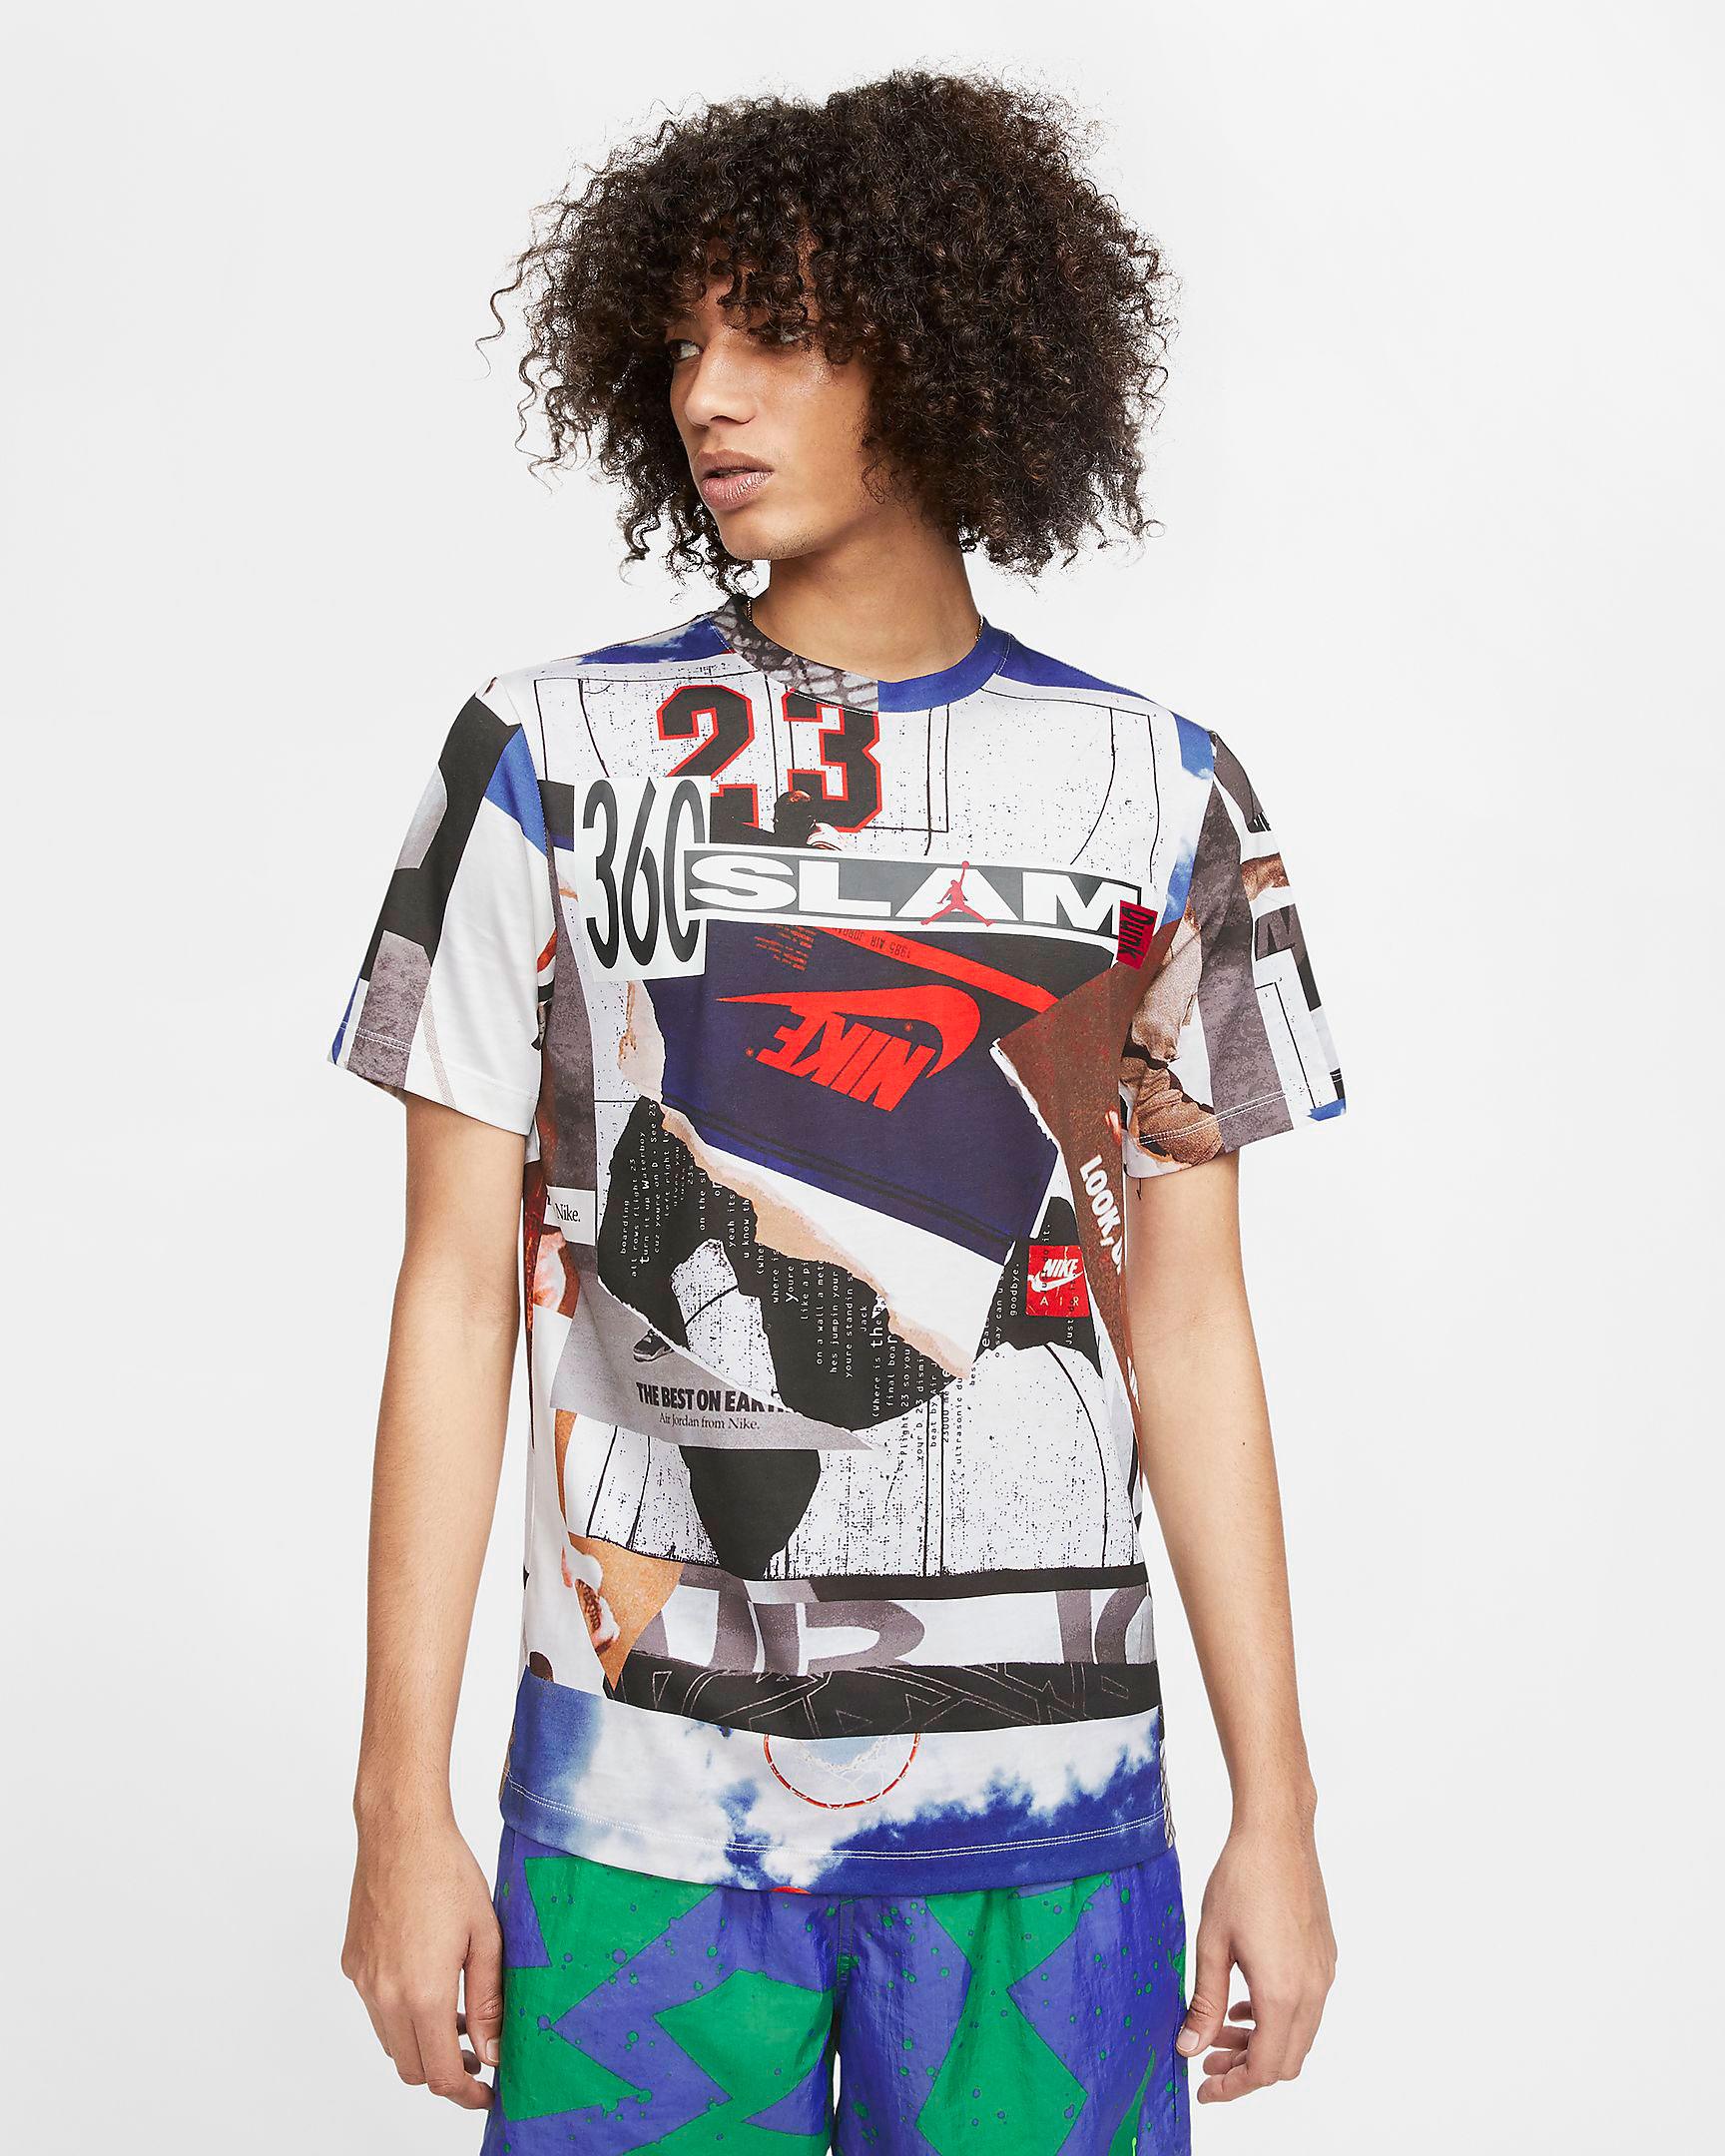 air-jordan-photo-allover-print-shirt-3